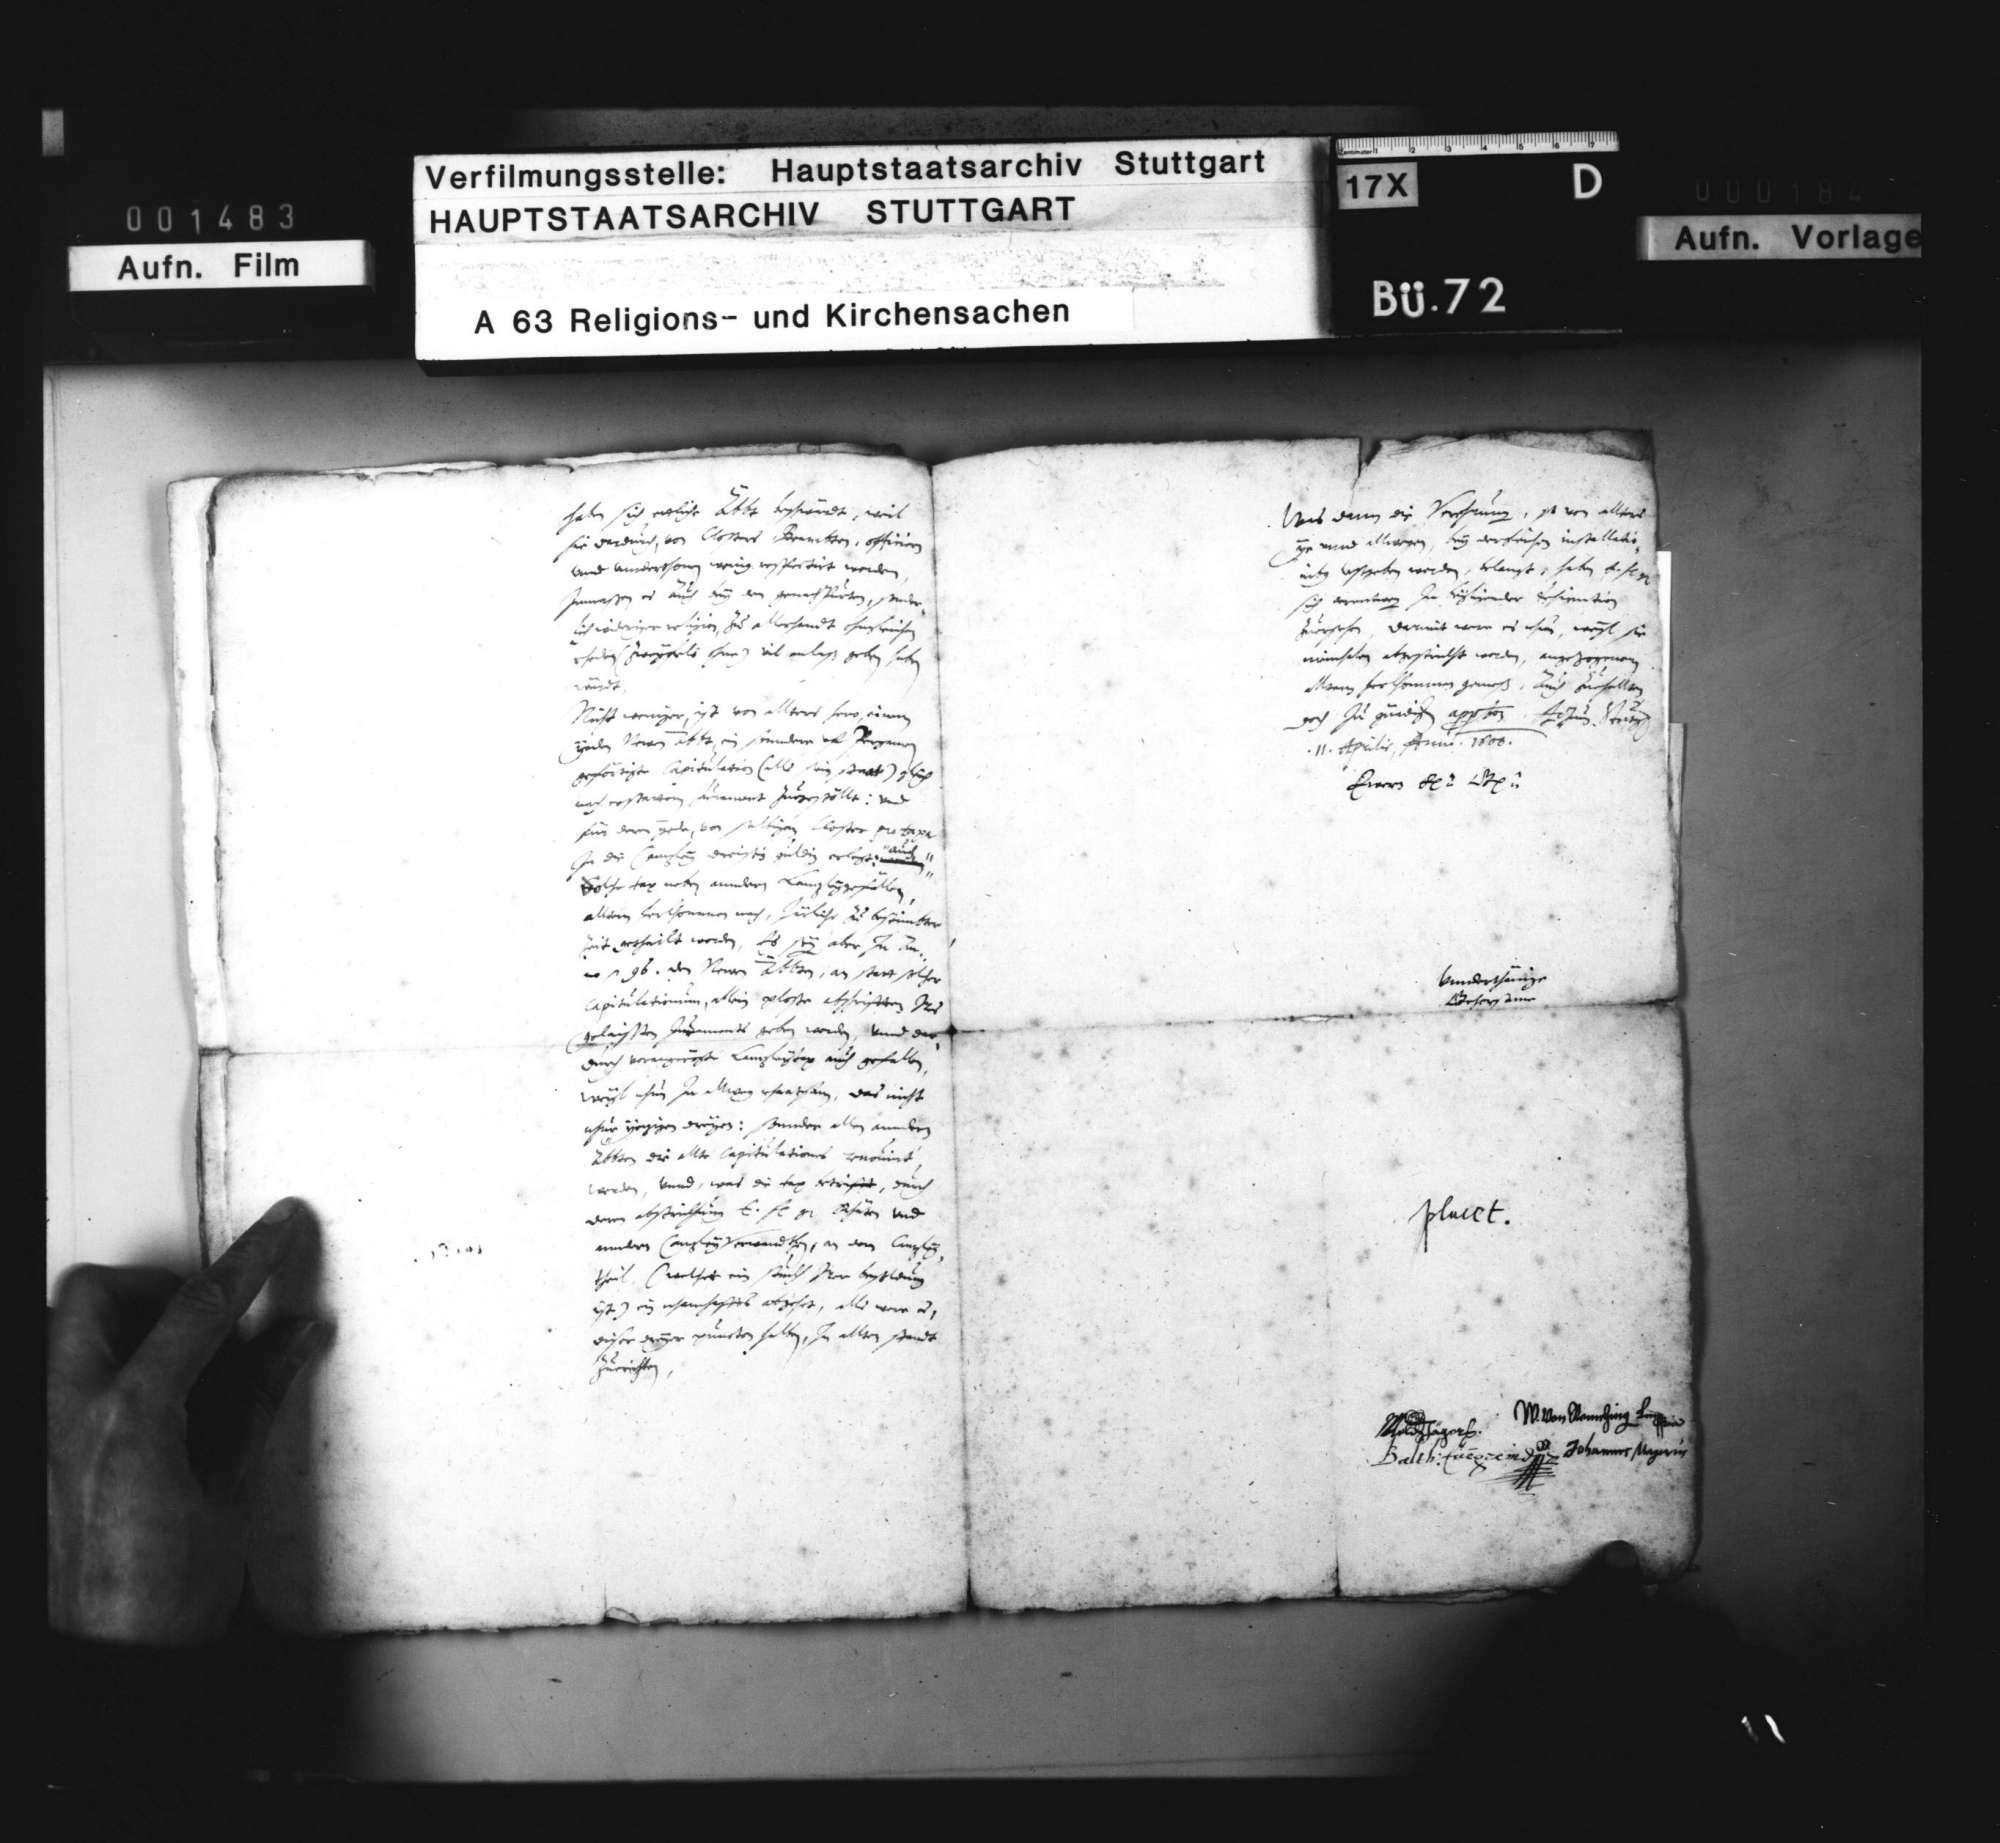 Untertänig Anbringen der herzoglichen Räte wegen der Installierung der neuen Prälaten zu Maulbronn, Adelberg und Alpirsbach. Stuttgart, 11. April 1600. Original, Bild 3